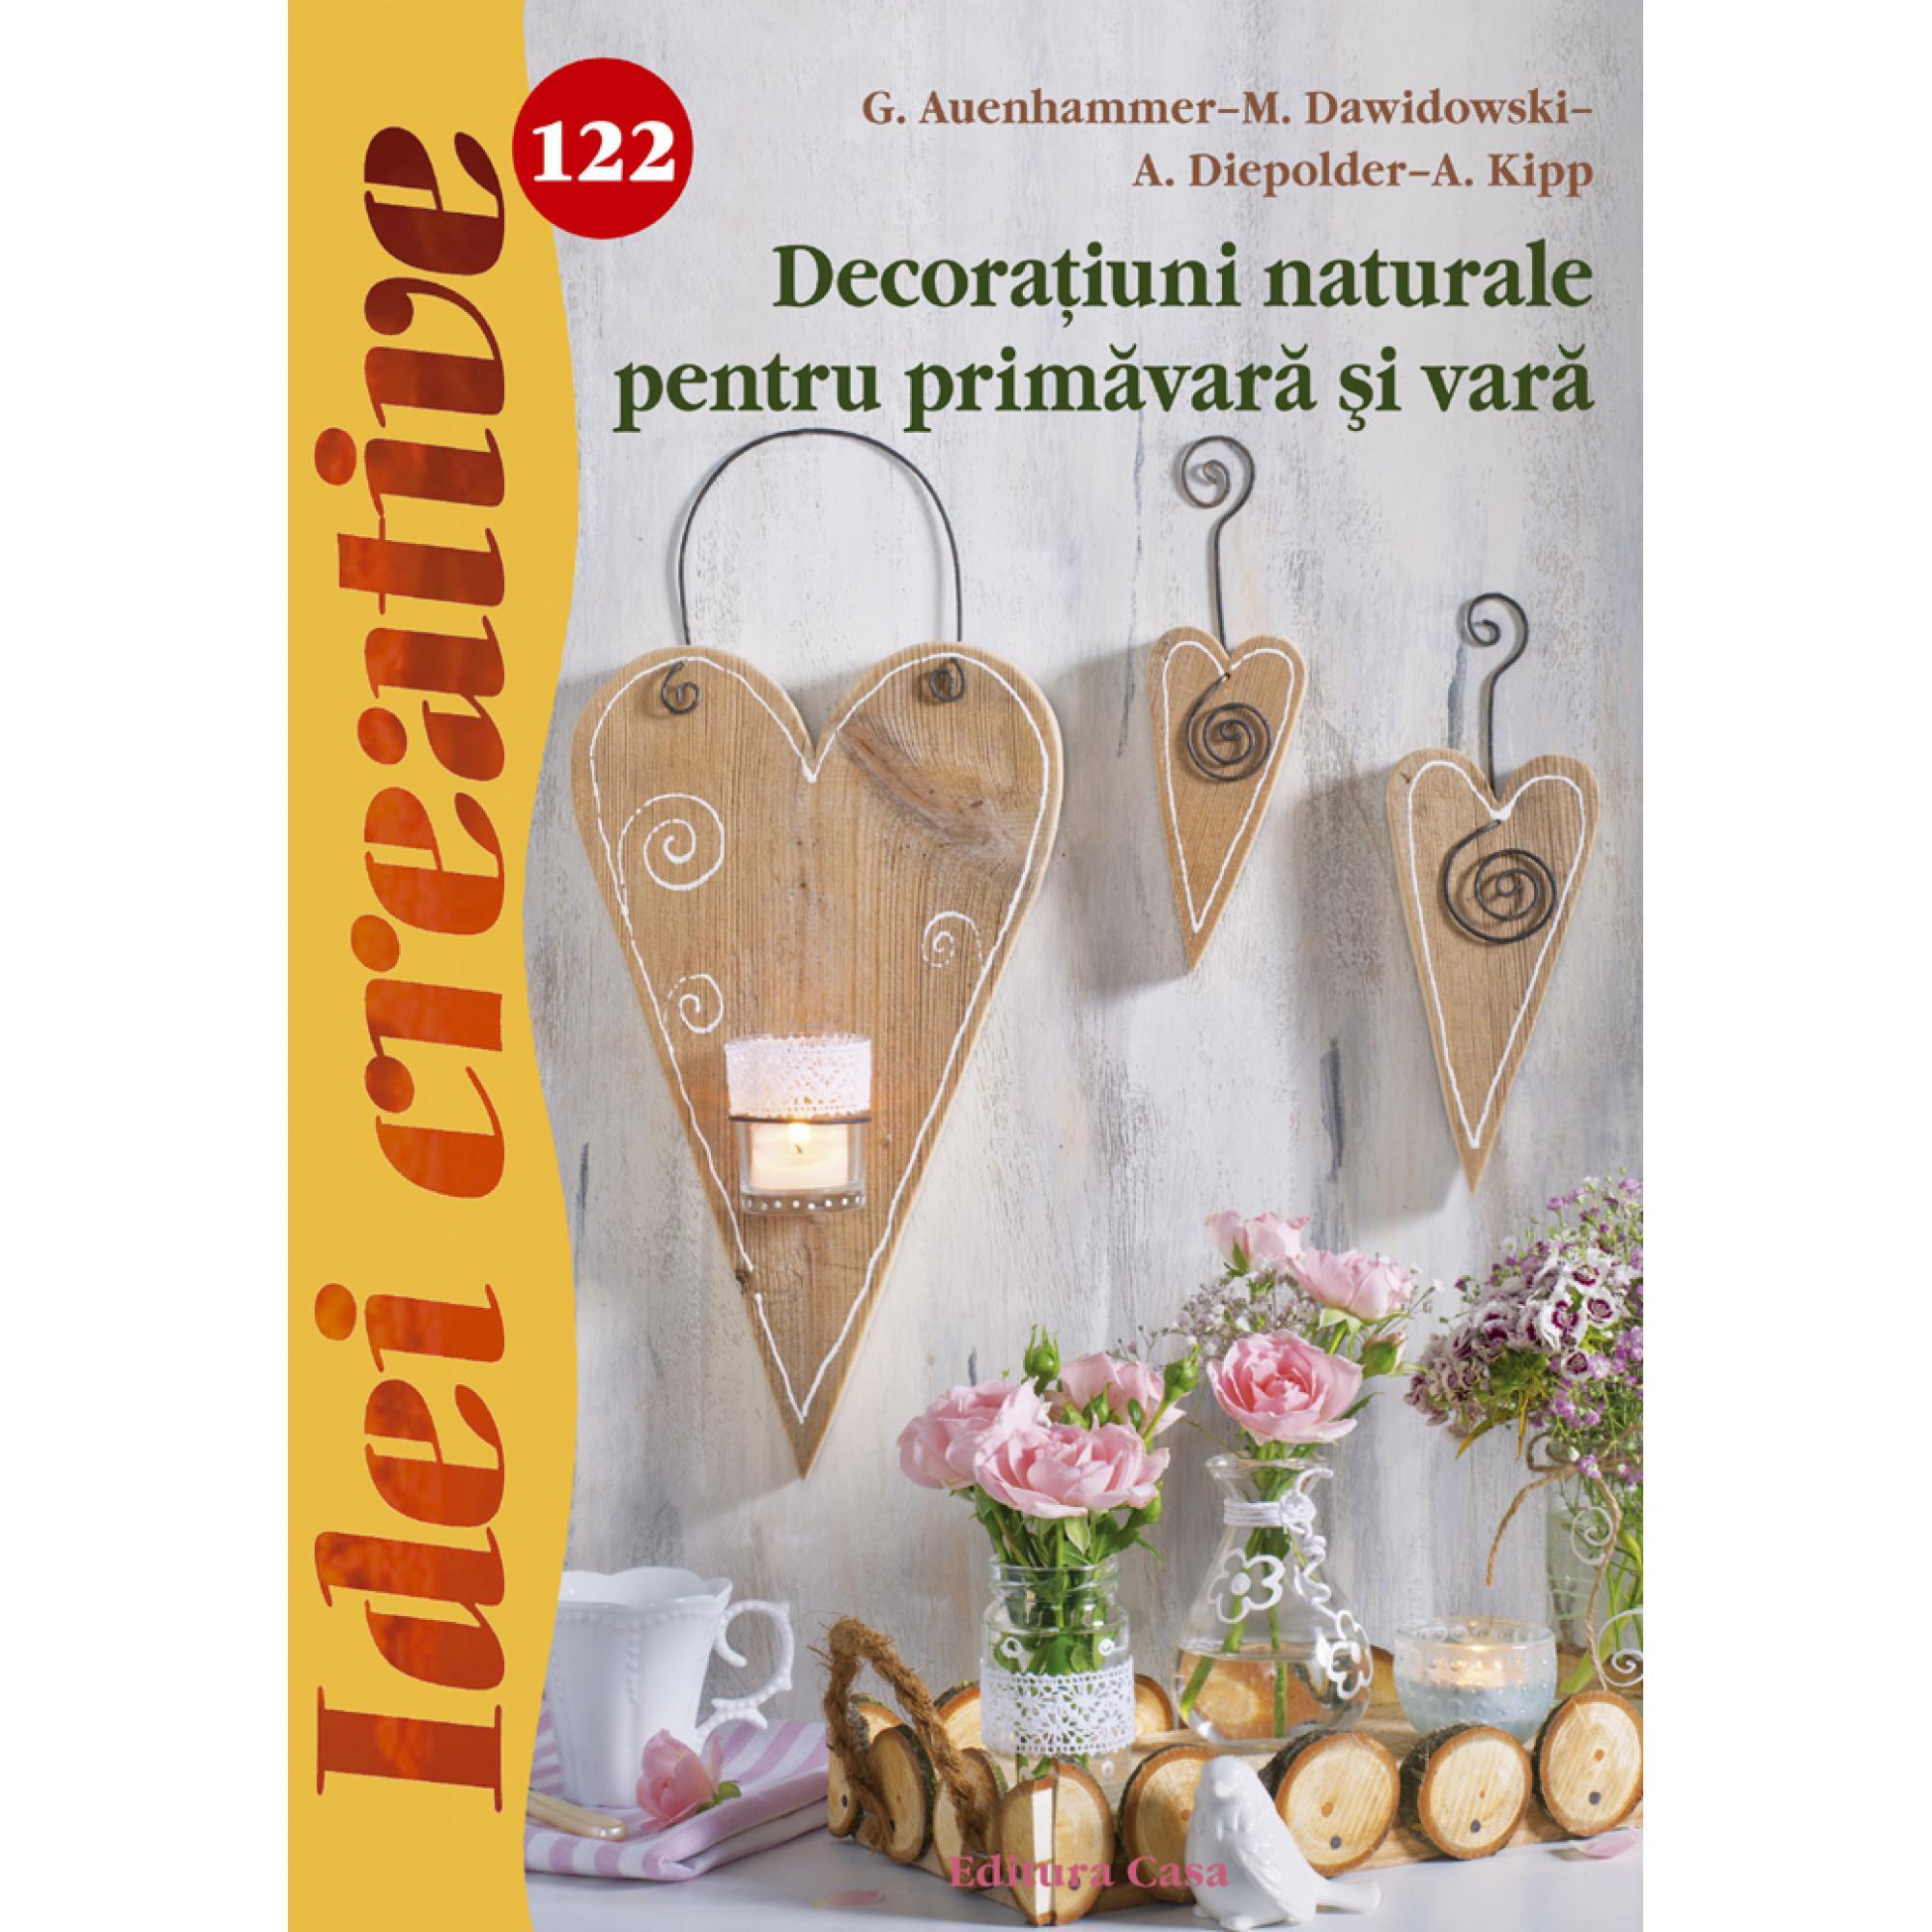 Decoraţiuni naturale pentru primăvară şi vară - Idei creative 122